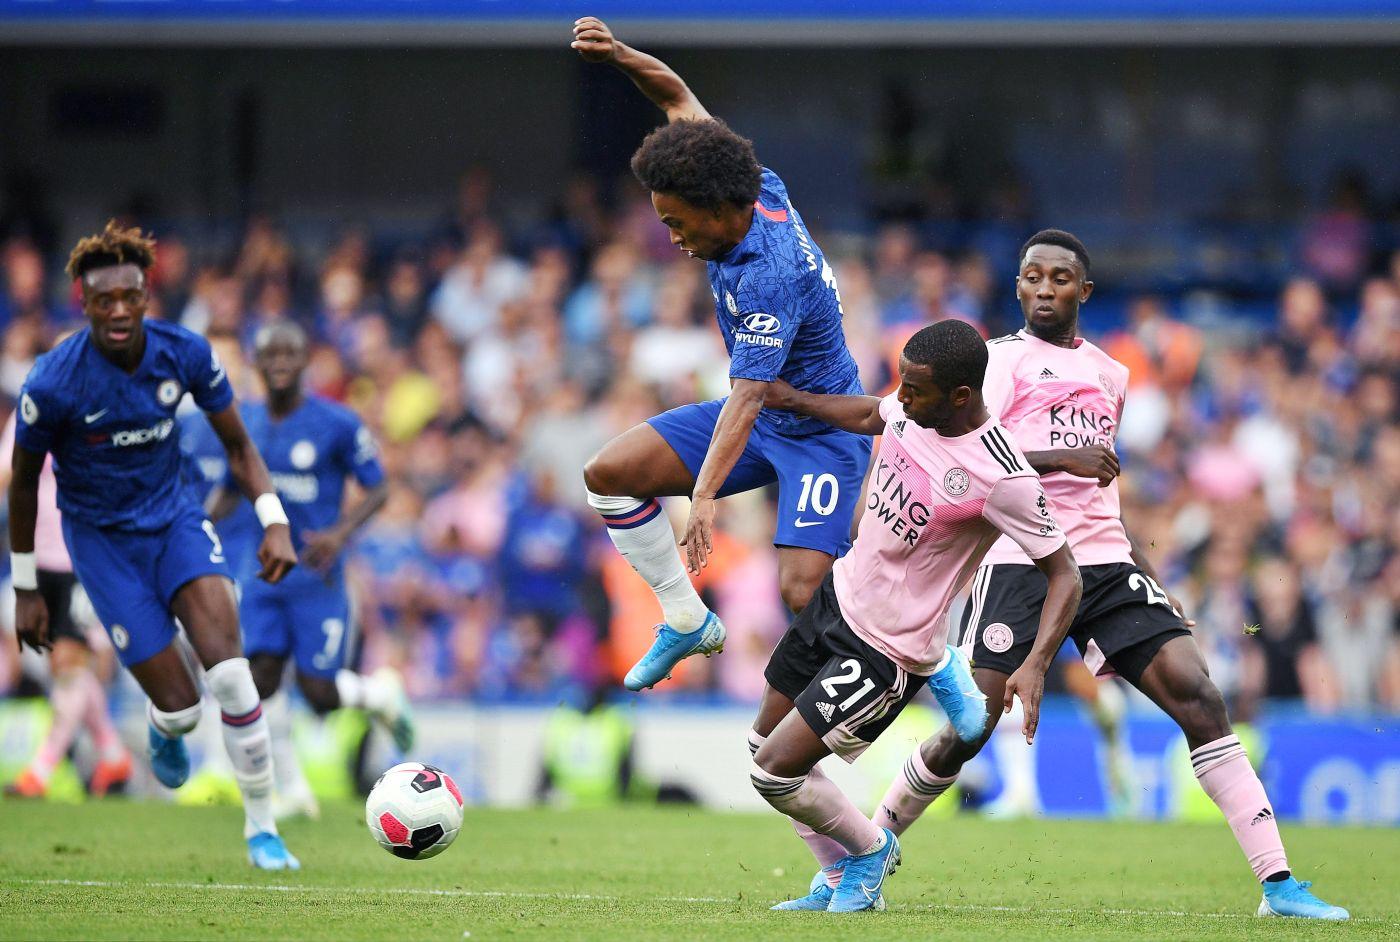 Chelsea empata con Leicester y sigue sin ganar con Lampard